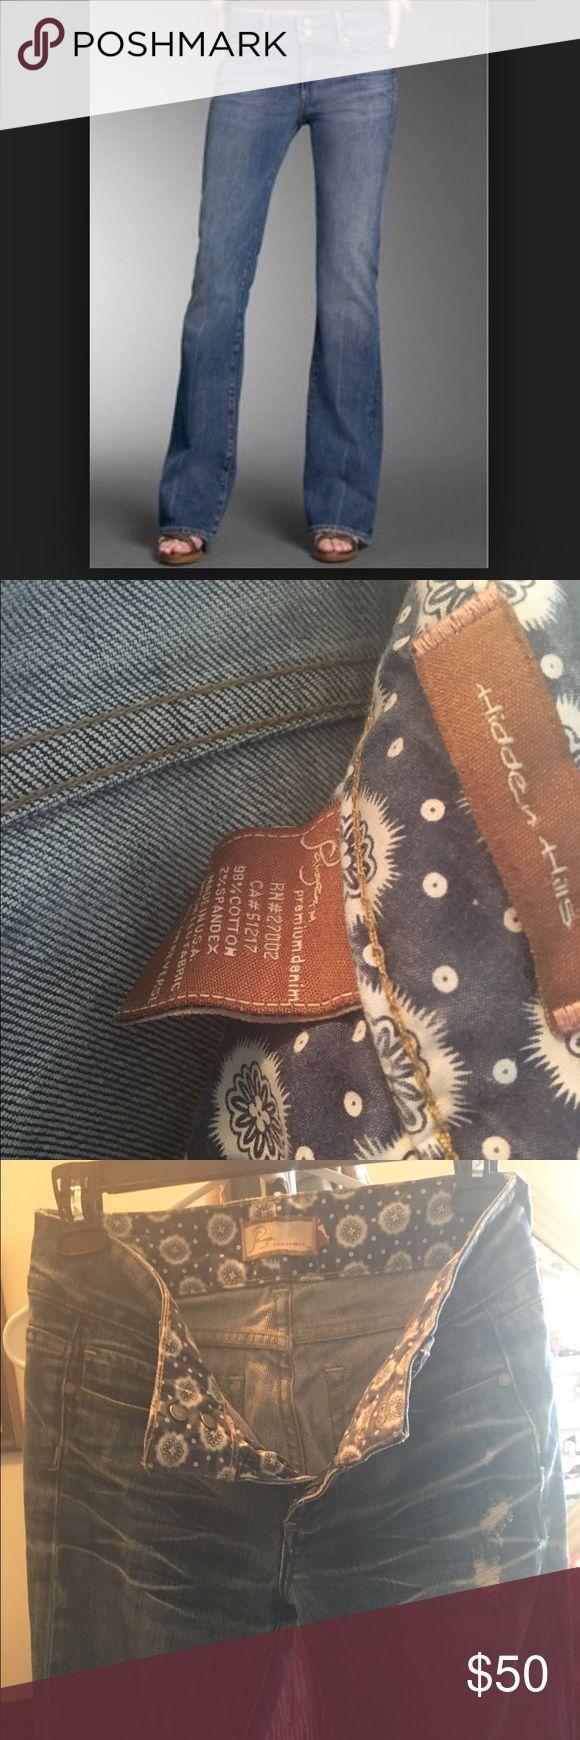 SALE - Hidden Hills by Paige Hidden hills jeans by Paige. Amazing quality. Size 27. Paige Jeans Jeans Straight Leg